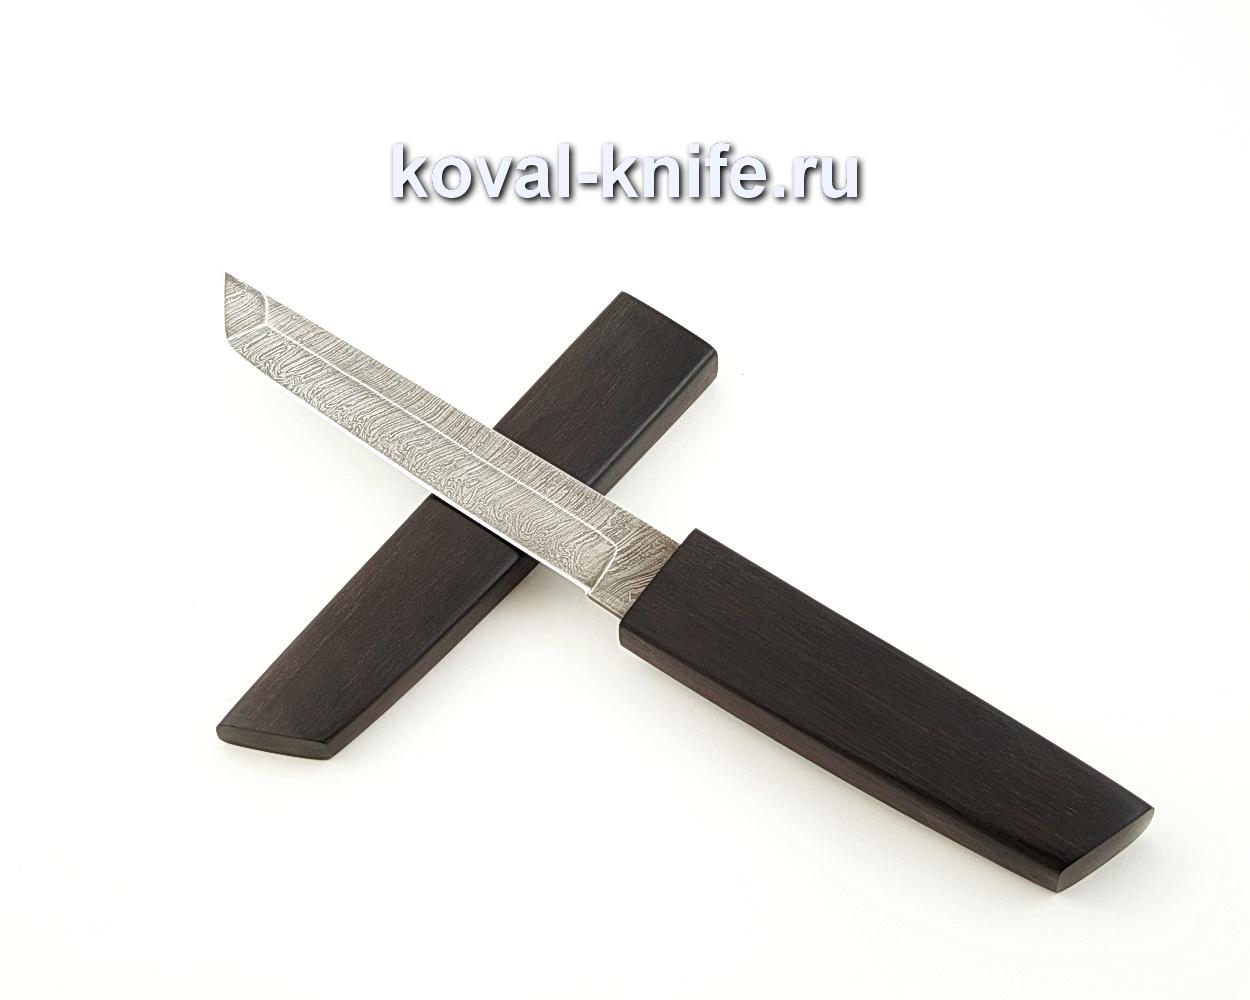 Нож Кобун из дамасской стали в деревянных ножнах из граба A542